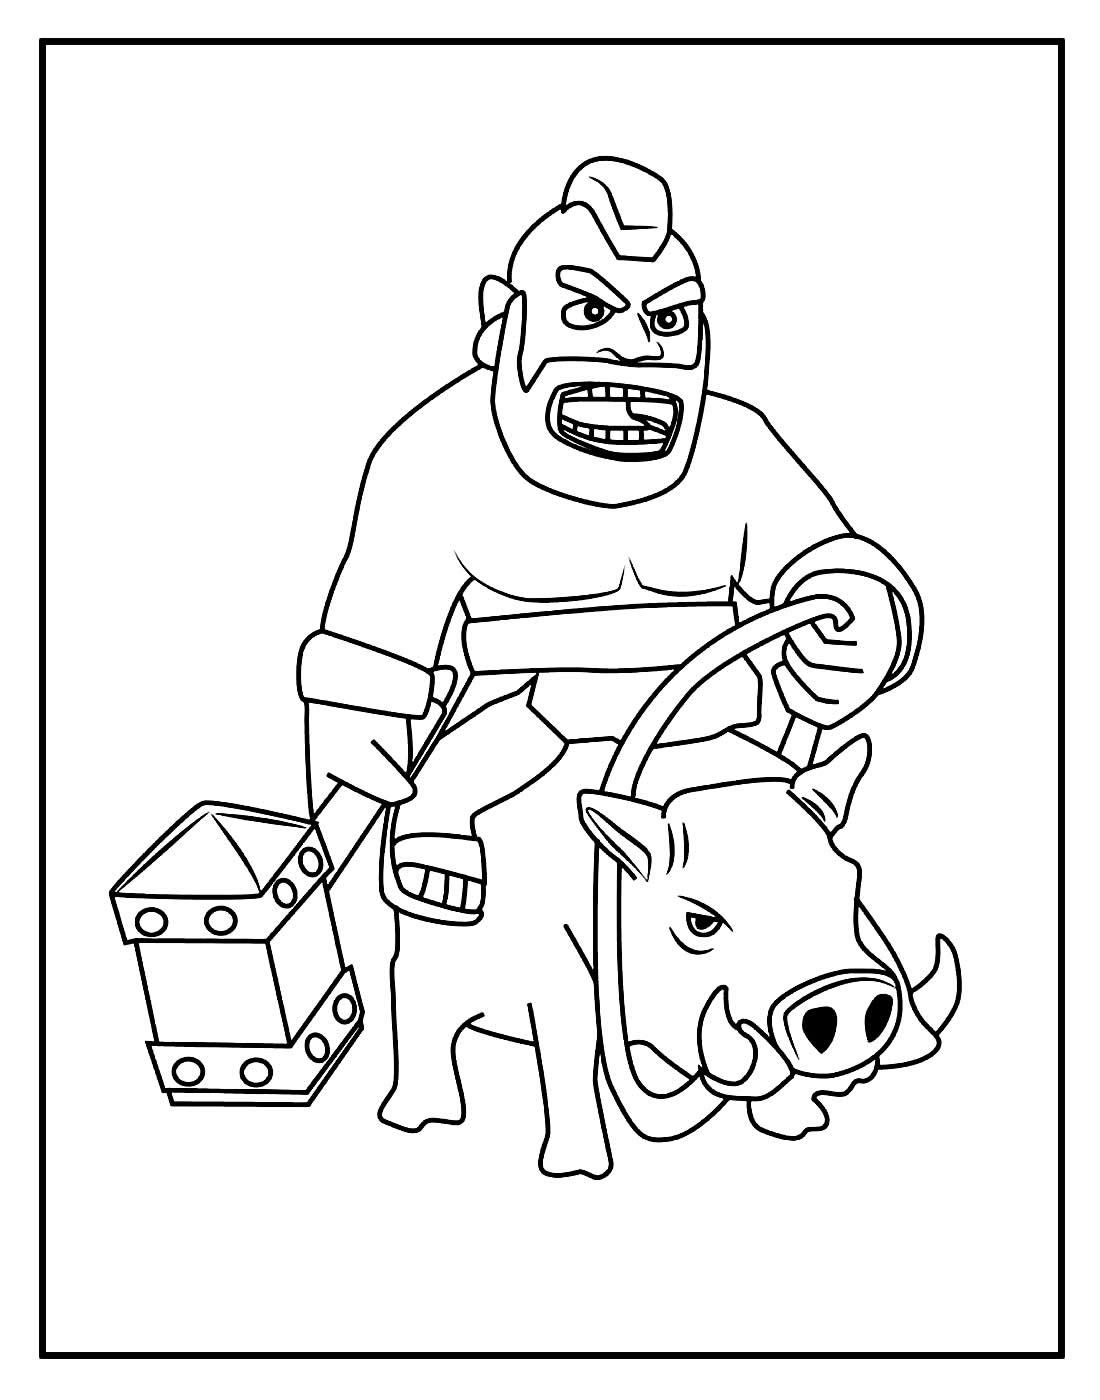 Desenho de Clash of Clans